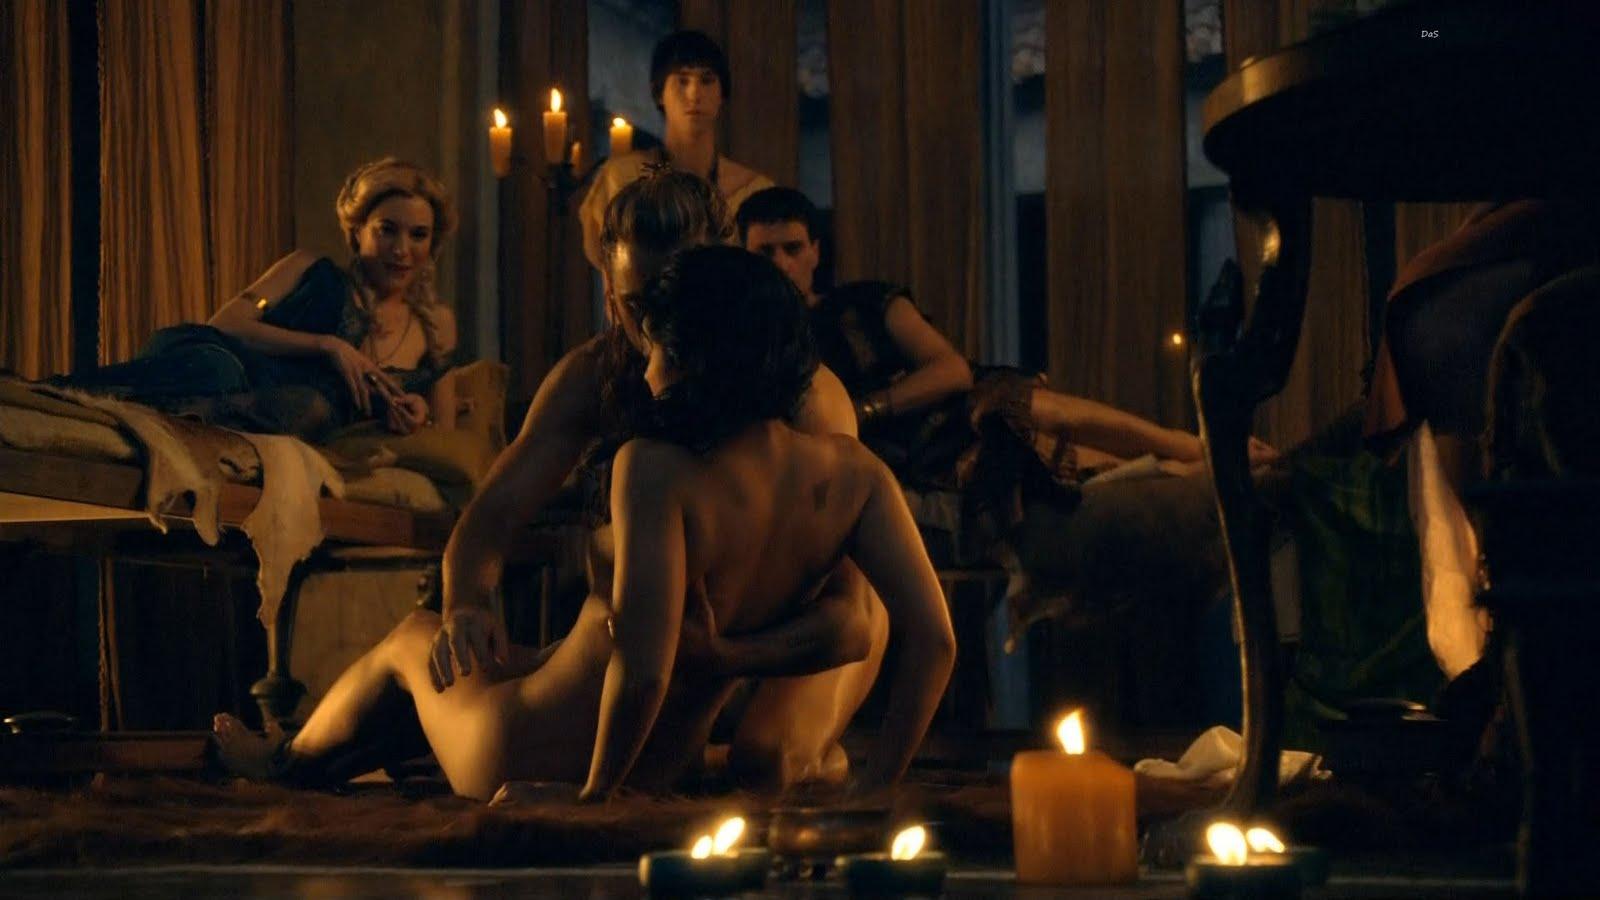 подборка эротических сцен из фильмов